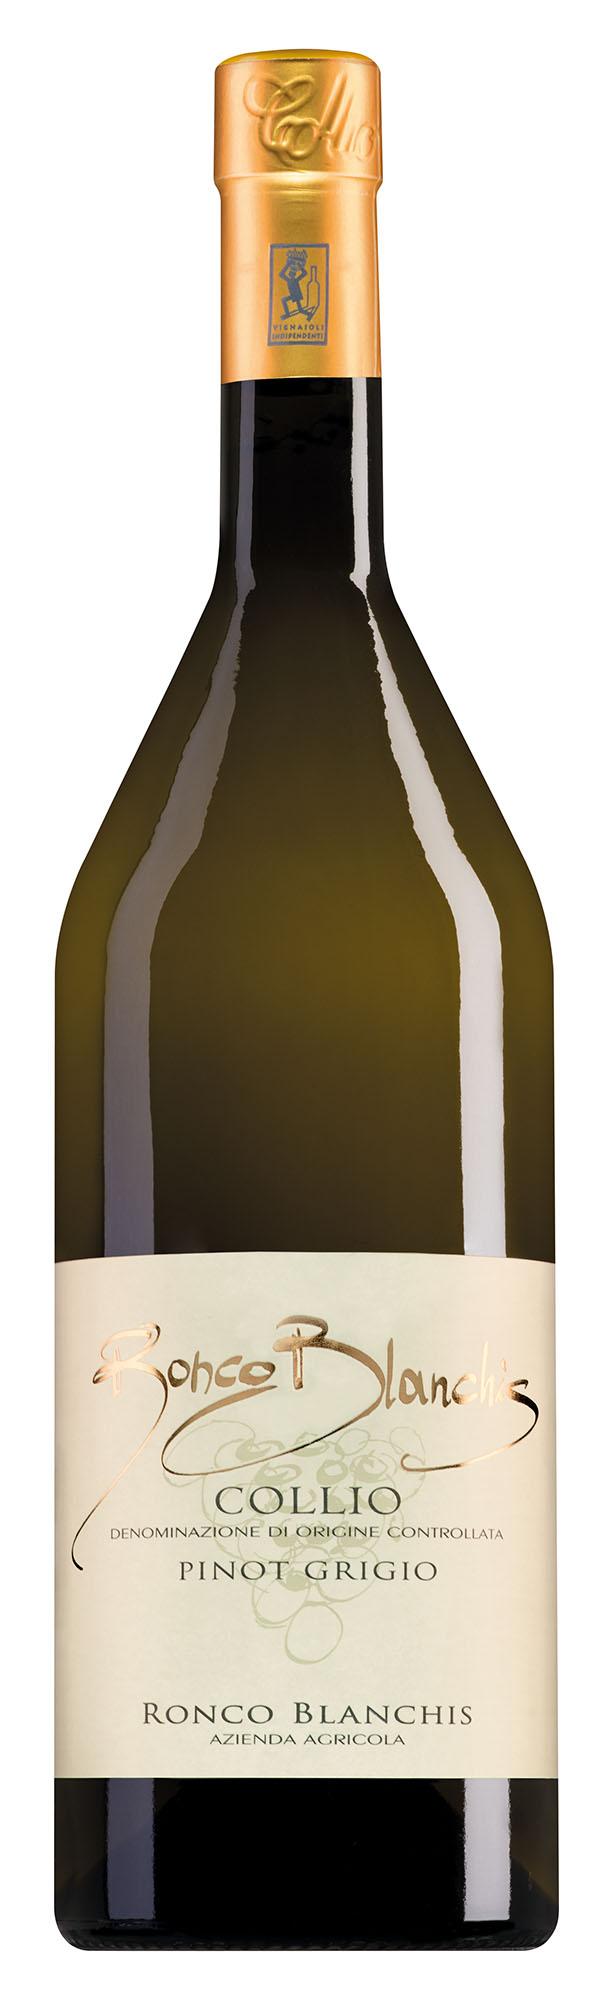 Ronco Blanchis Collio Pinot Grigio magnum